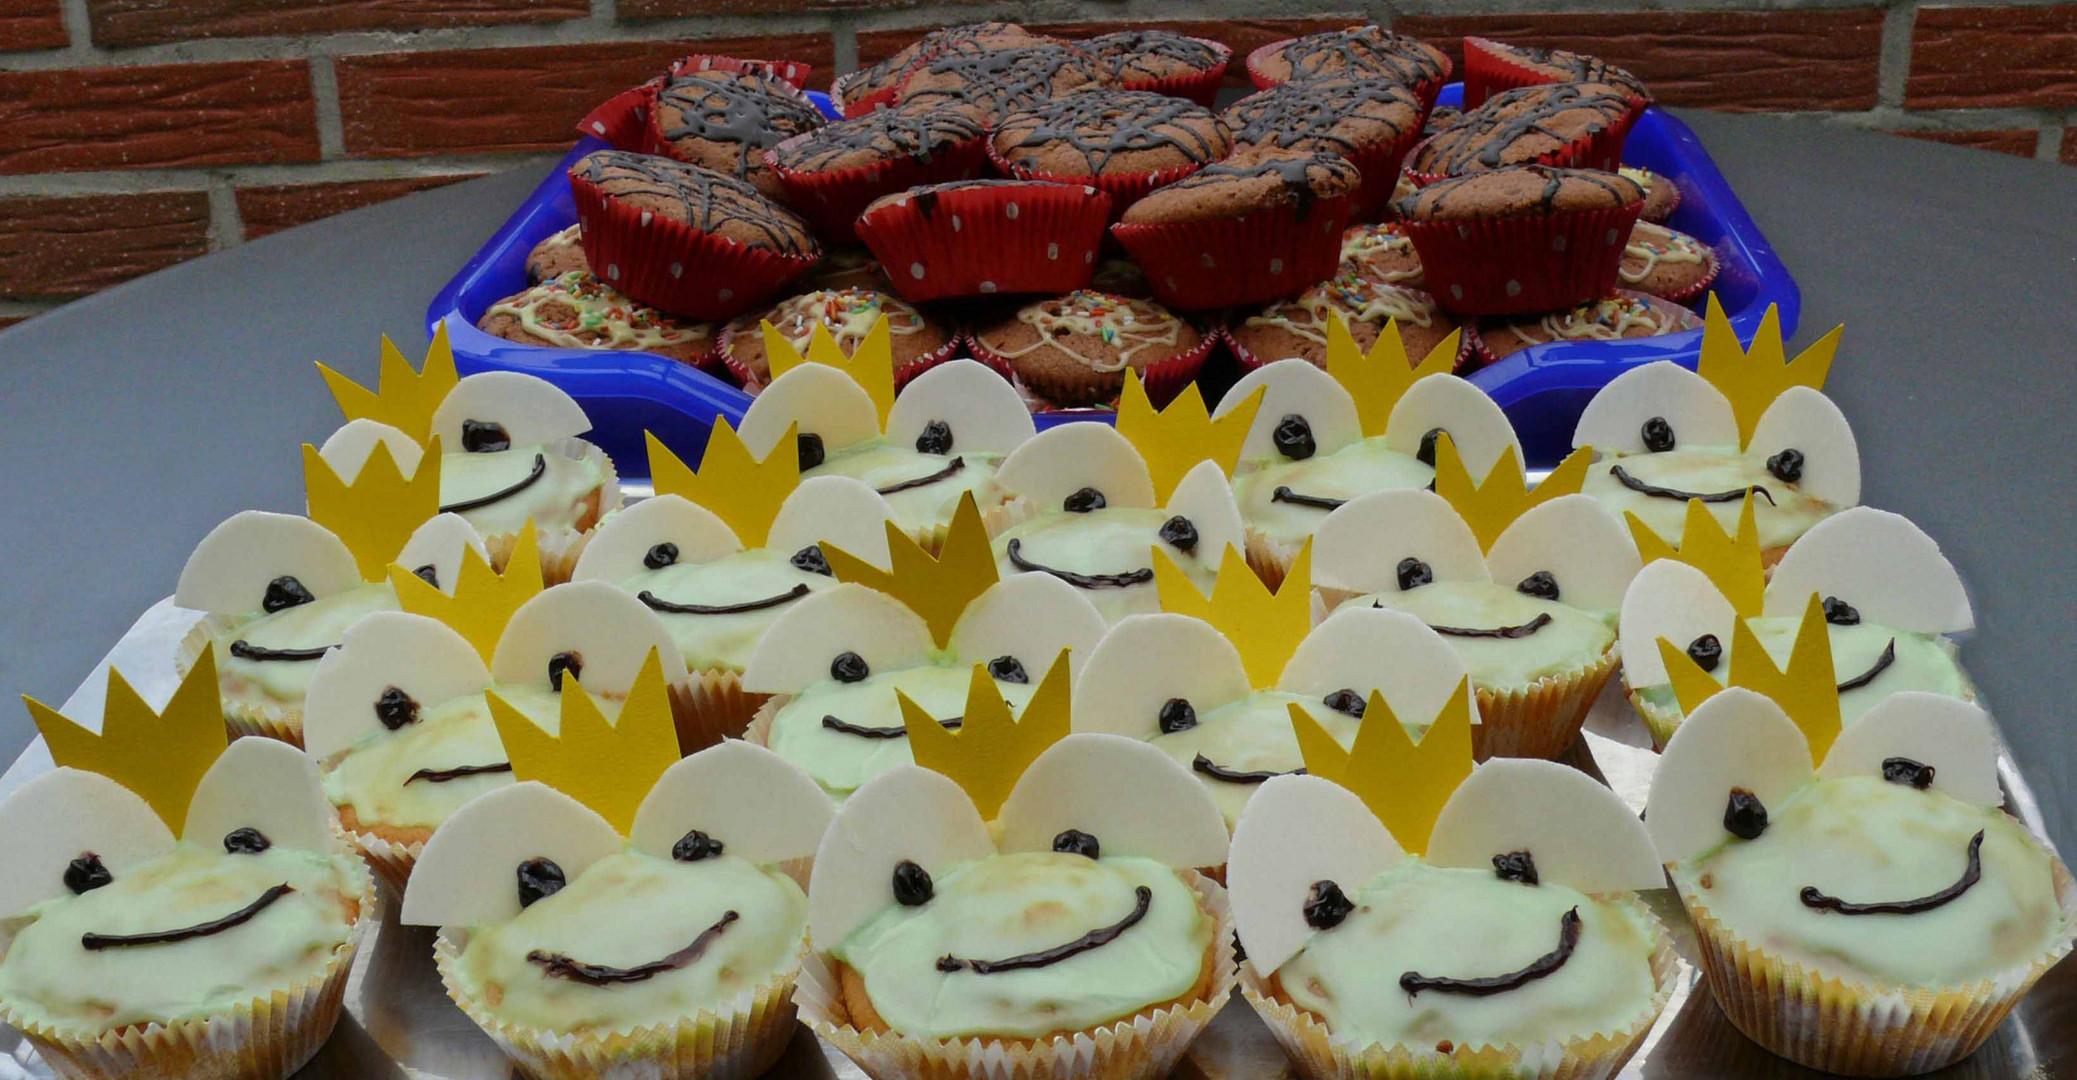 Muffins Für Den Runden Geburtstag Unserer Schwiegertochter